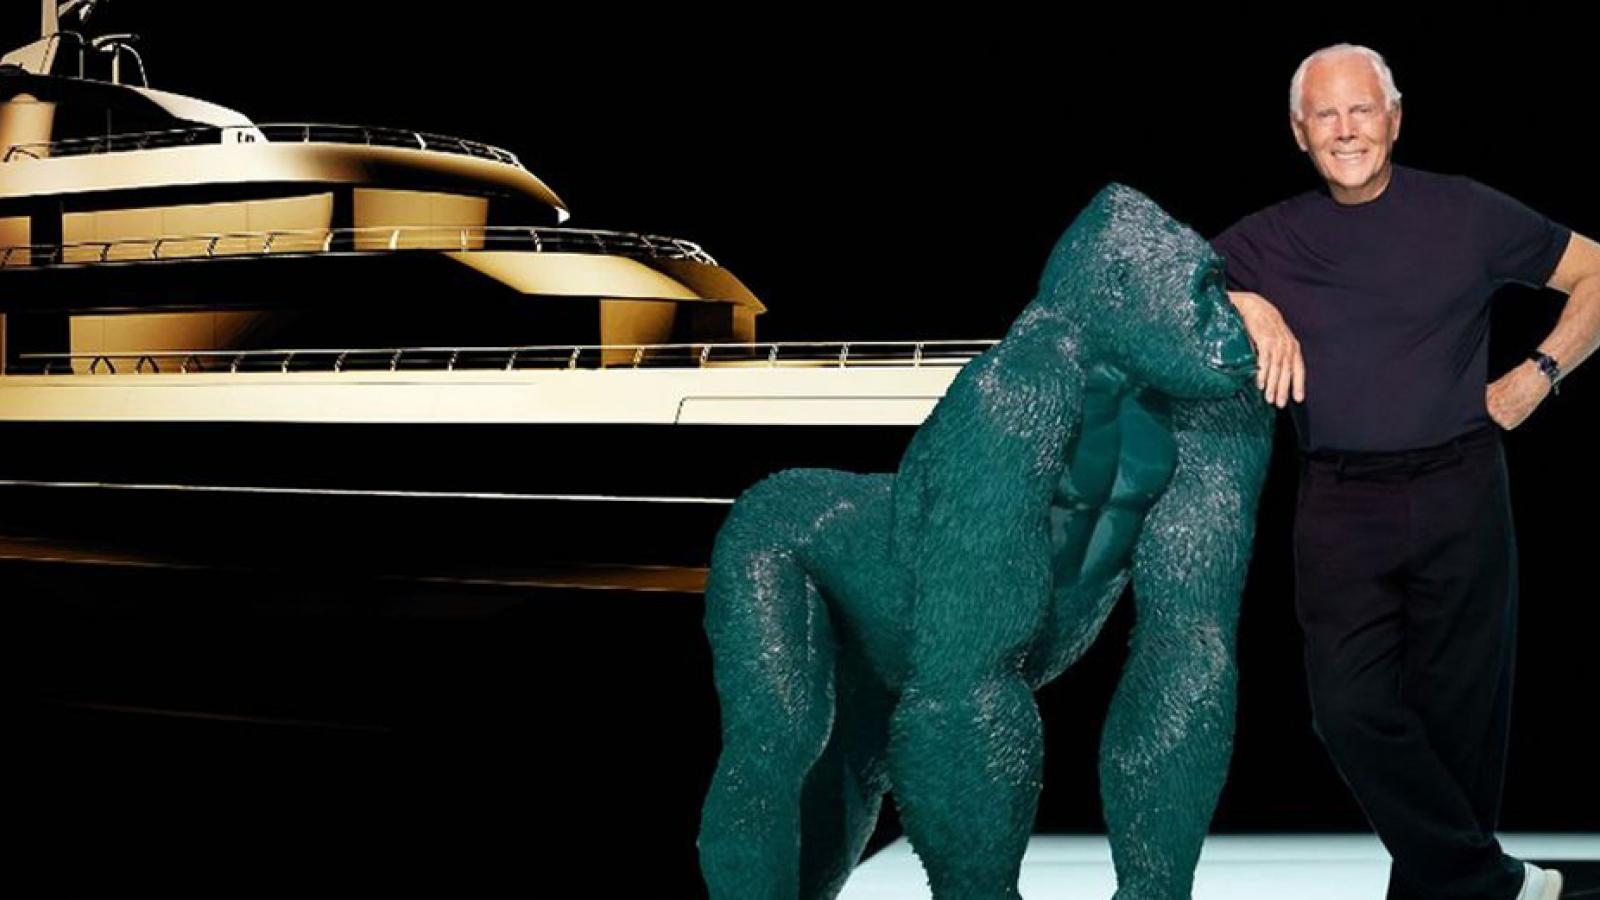 Tỷ phú Giorgio Armani công bố thiết kế siêu du thuyền dài 72m